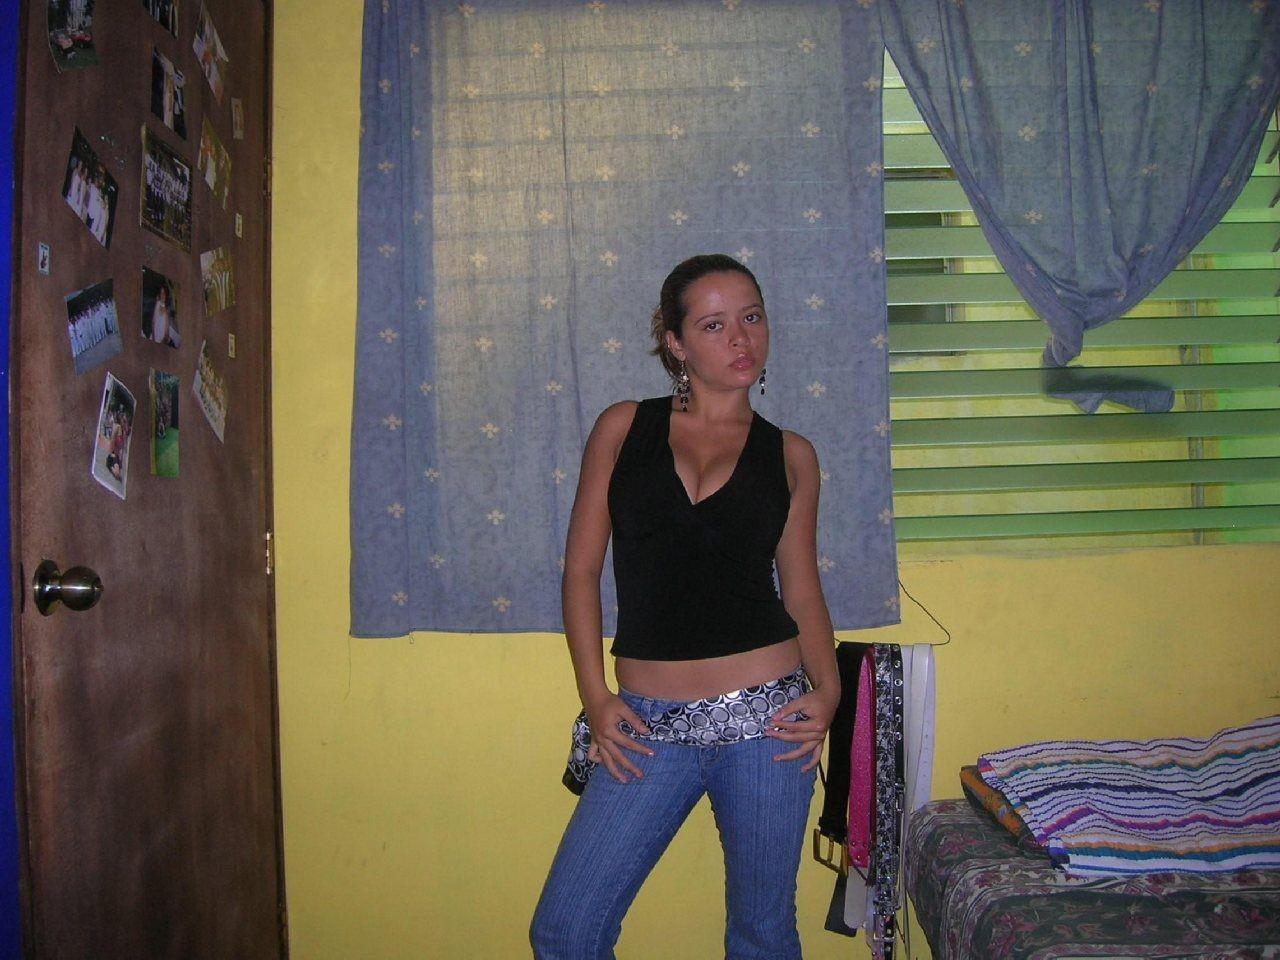 Девушка соглашается на домашнюю фотосессию, в которой она показывает все свои достоинства